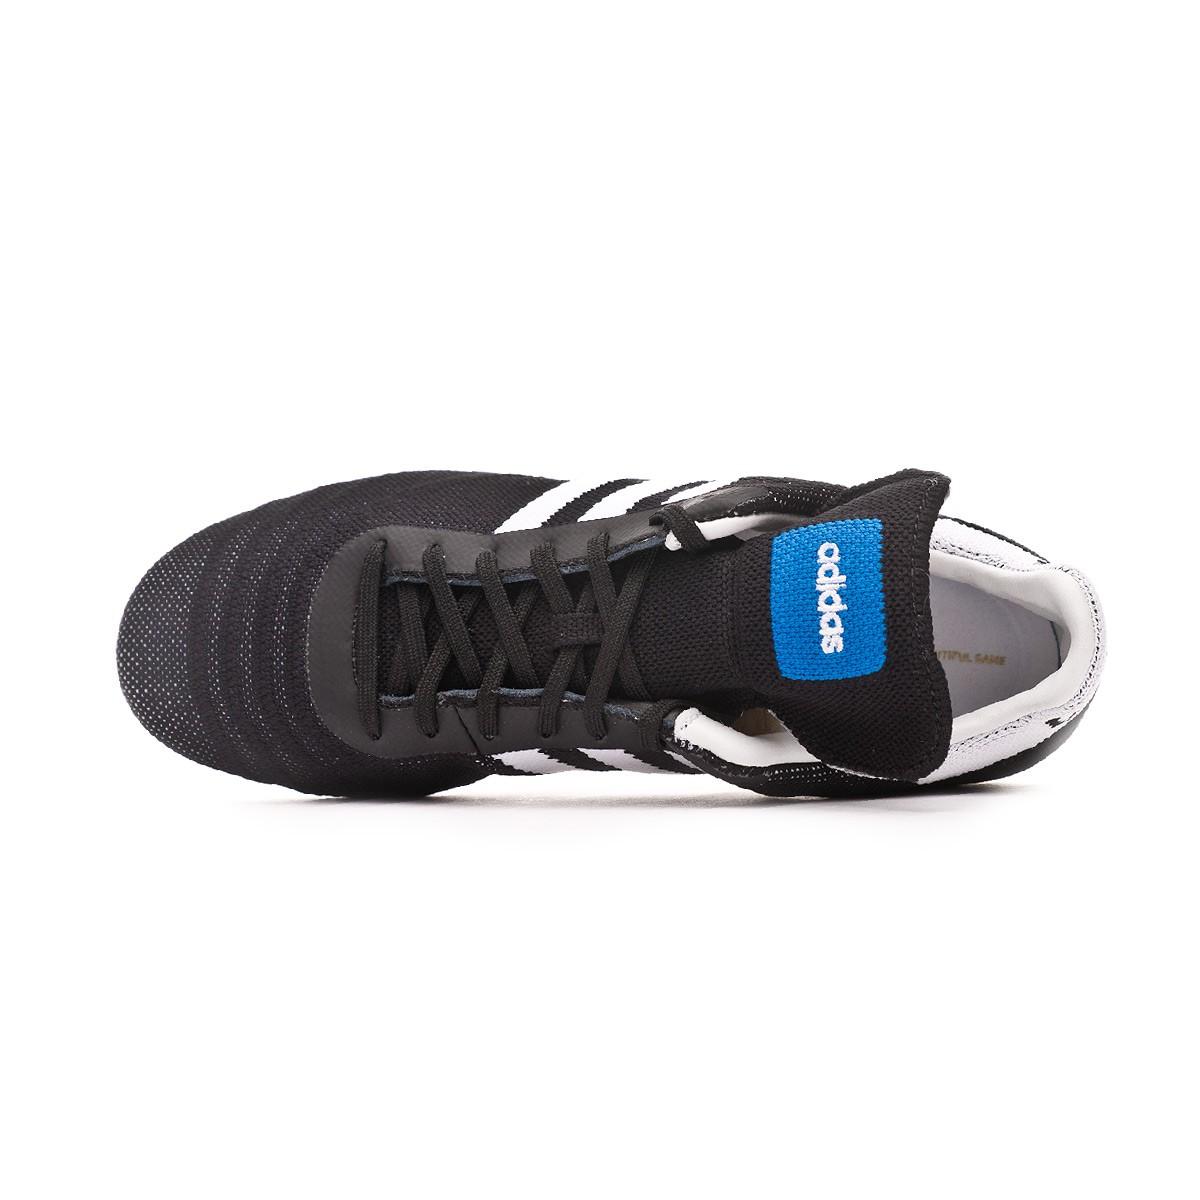 aa272507 Zapatos de fútbol adidas Copa 70Y FG Core Black-White-Red - Tienda de  fútbol Fútbol Emotion